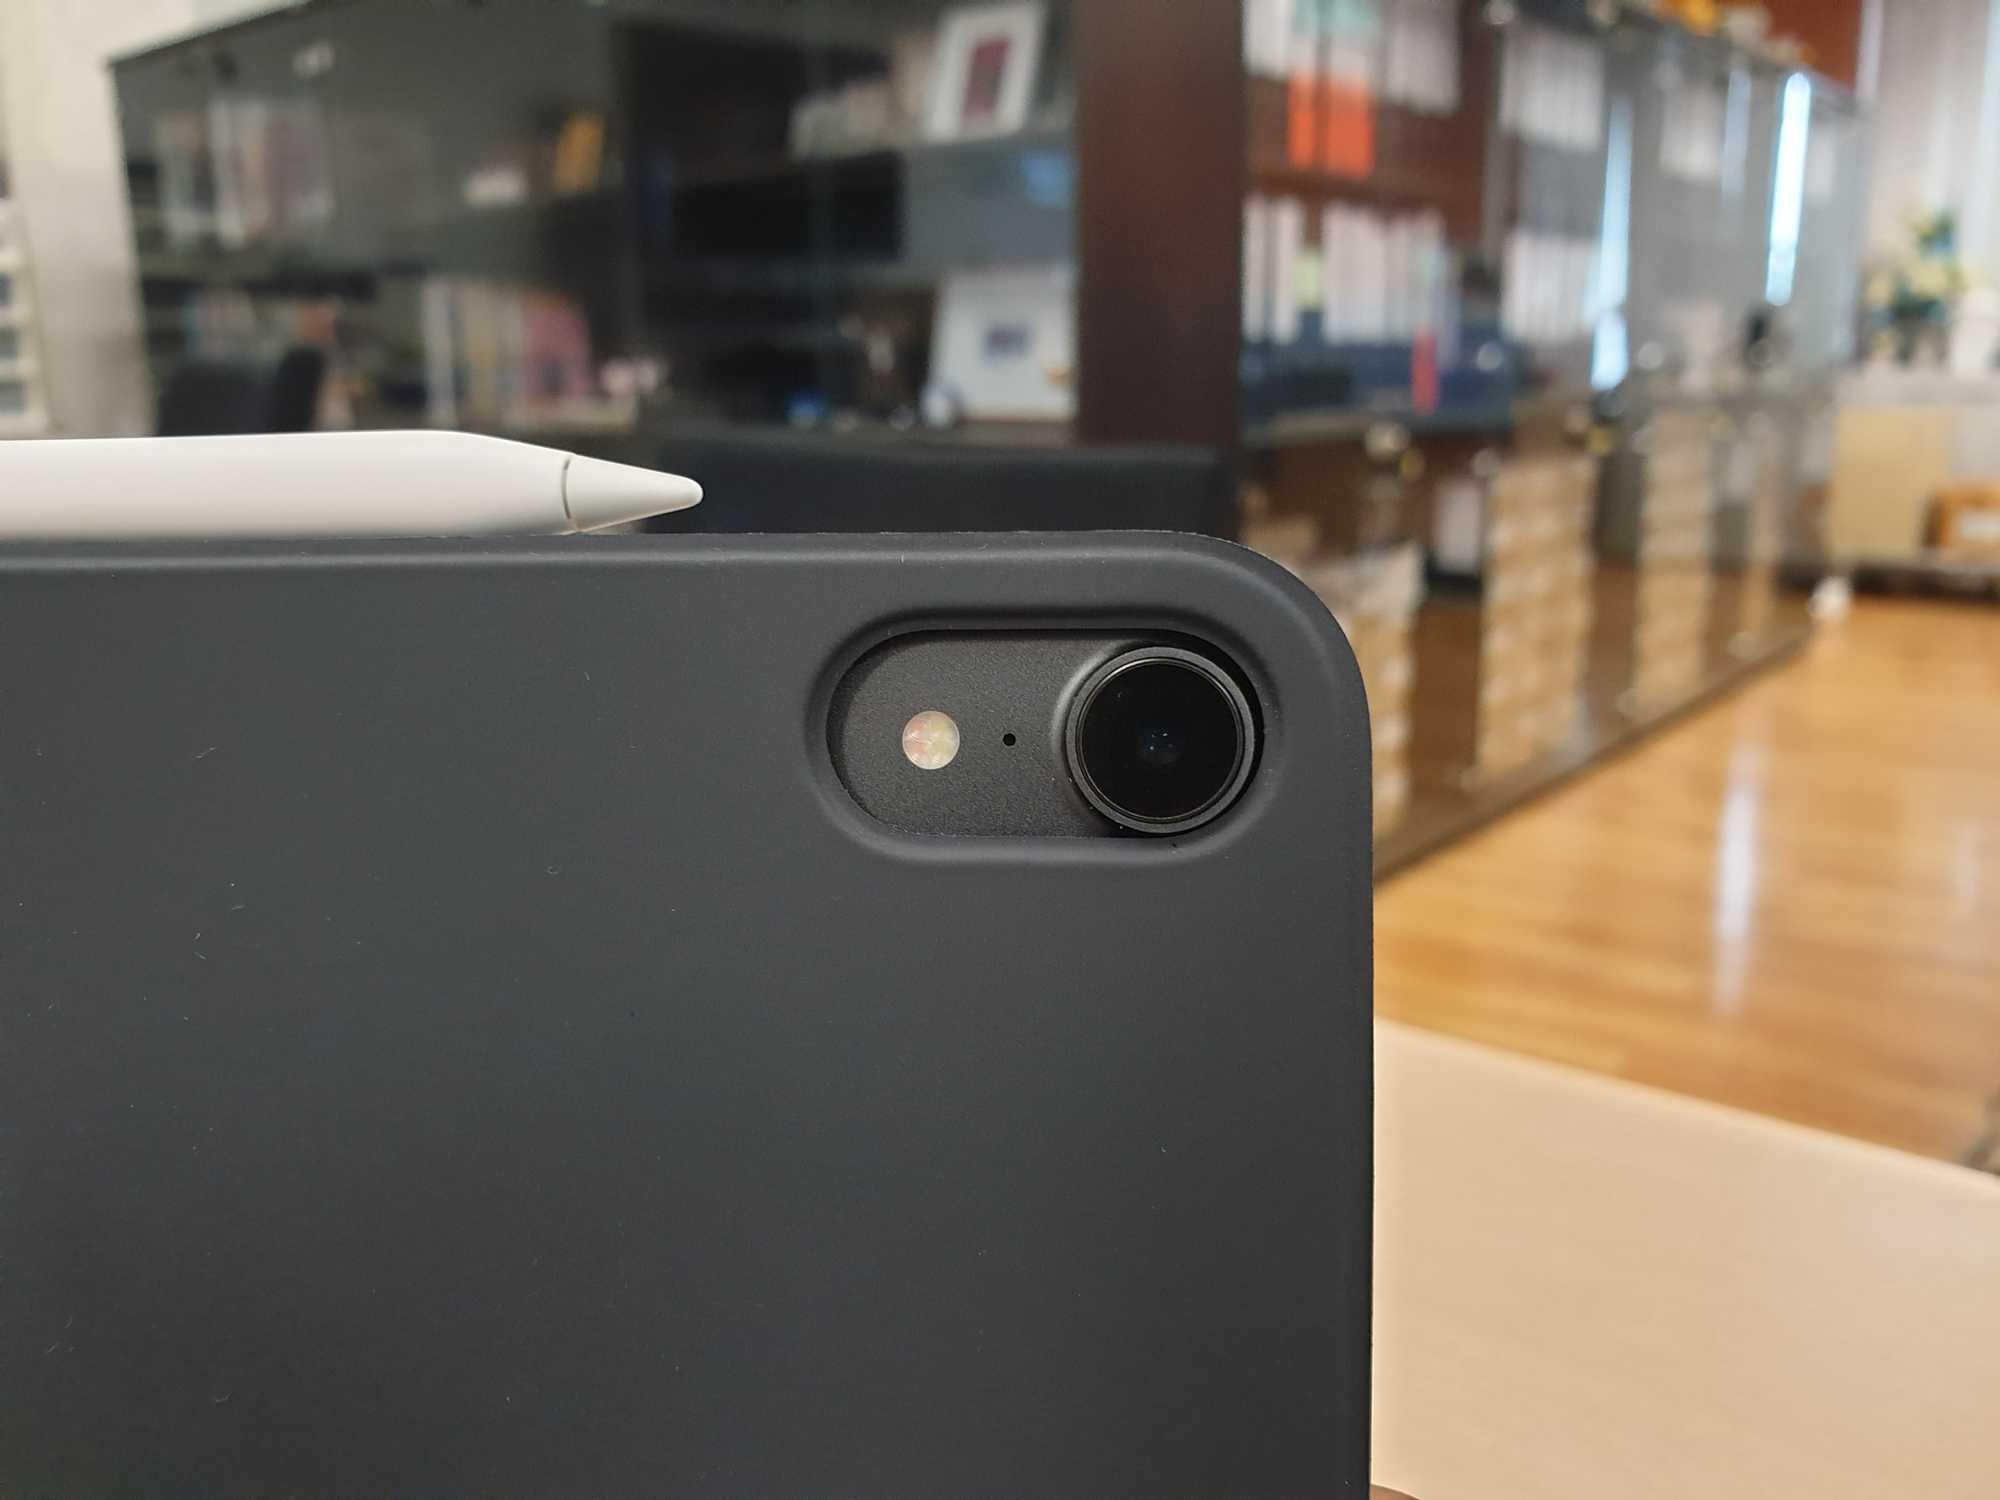 iPad Pro 11-inch Camera